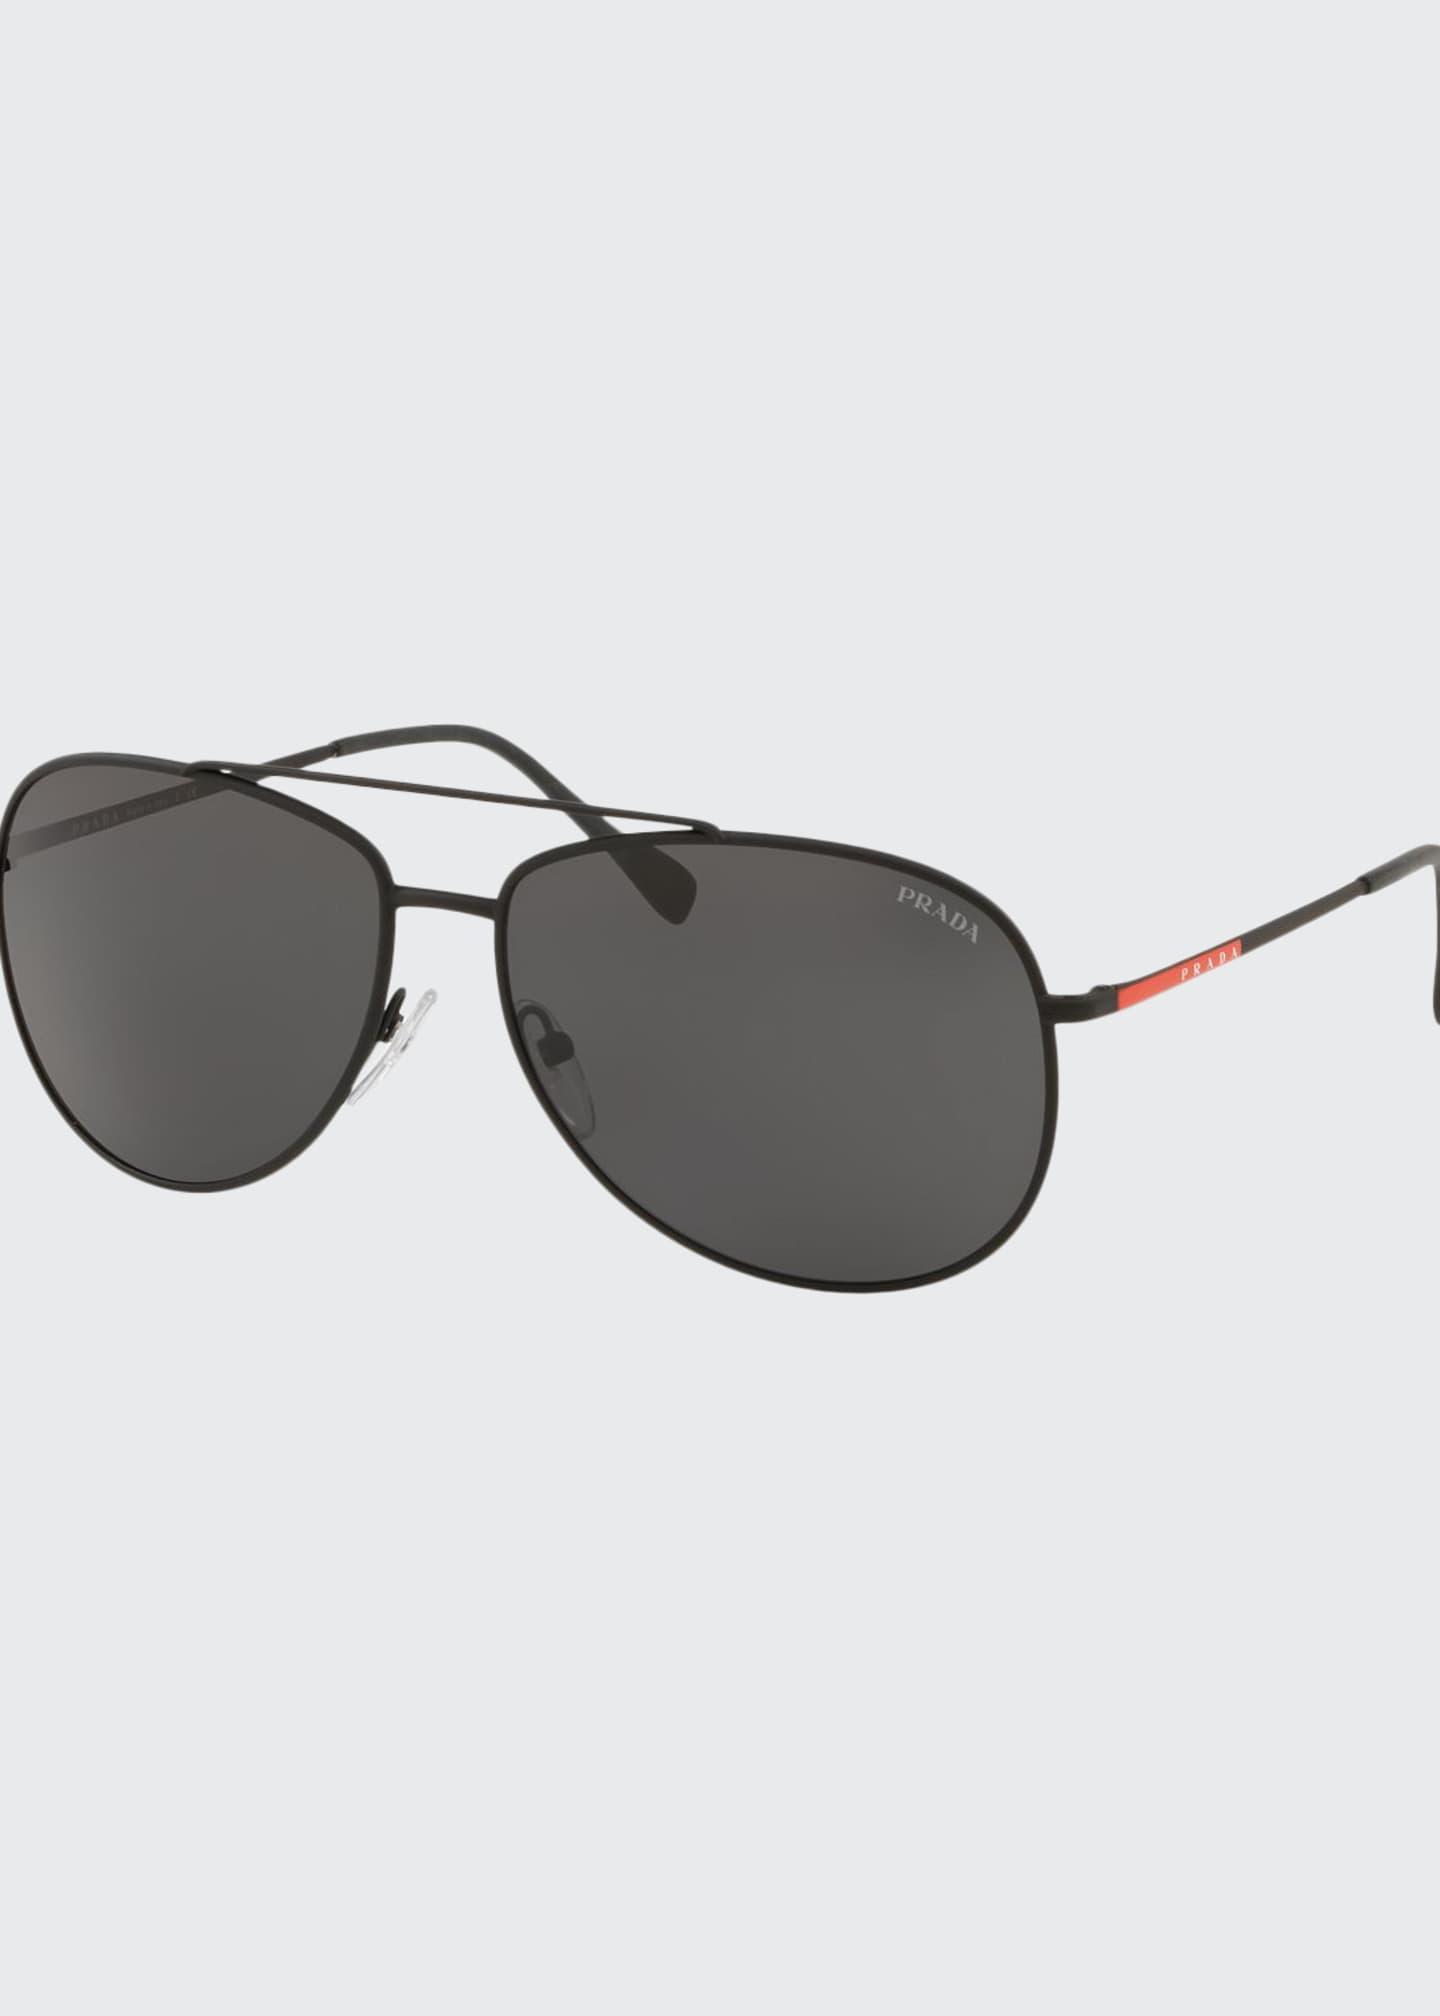 Prada Men's Metal Aviator Sunglasses